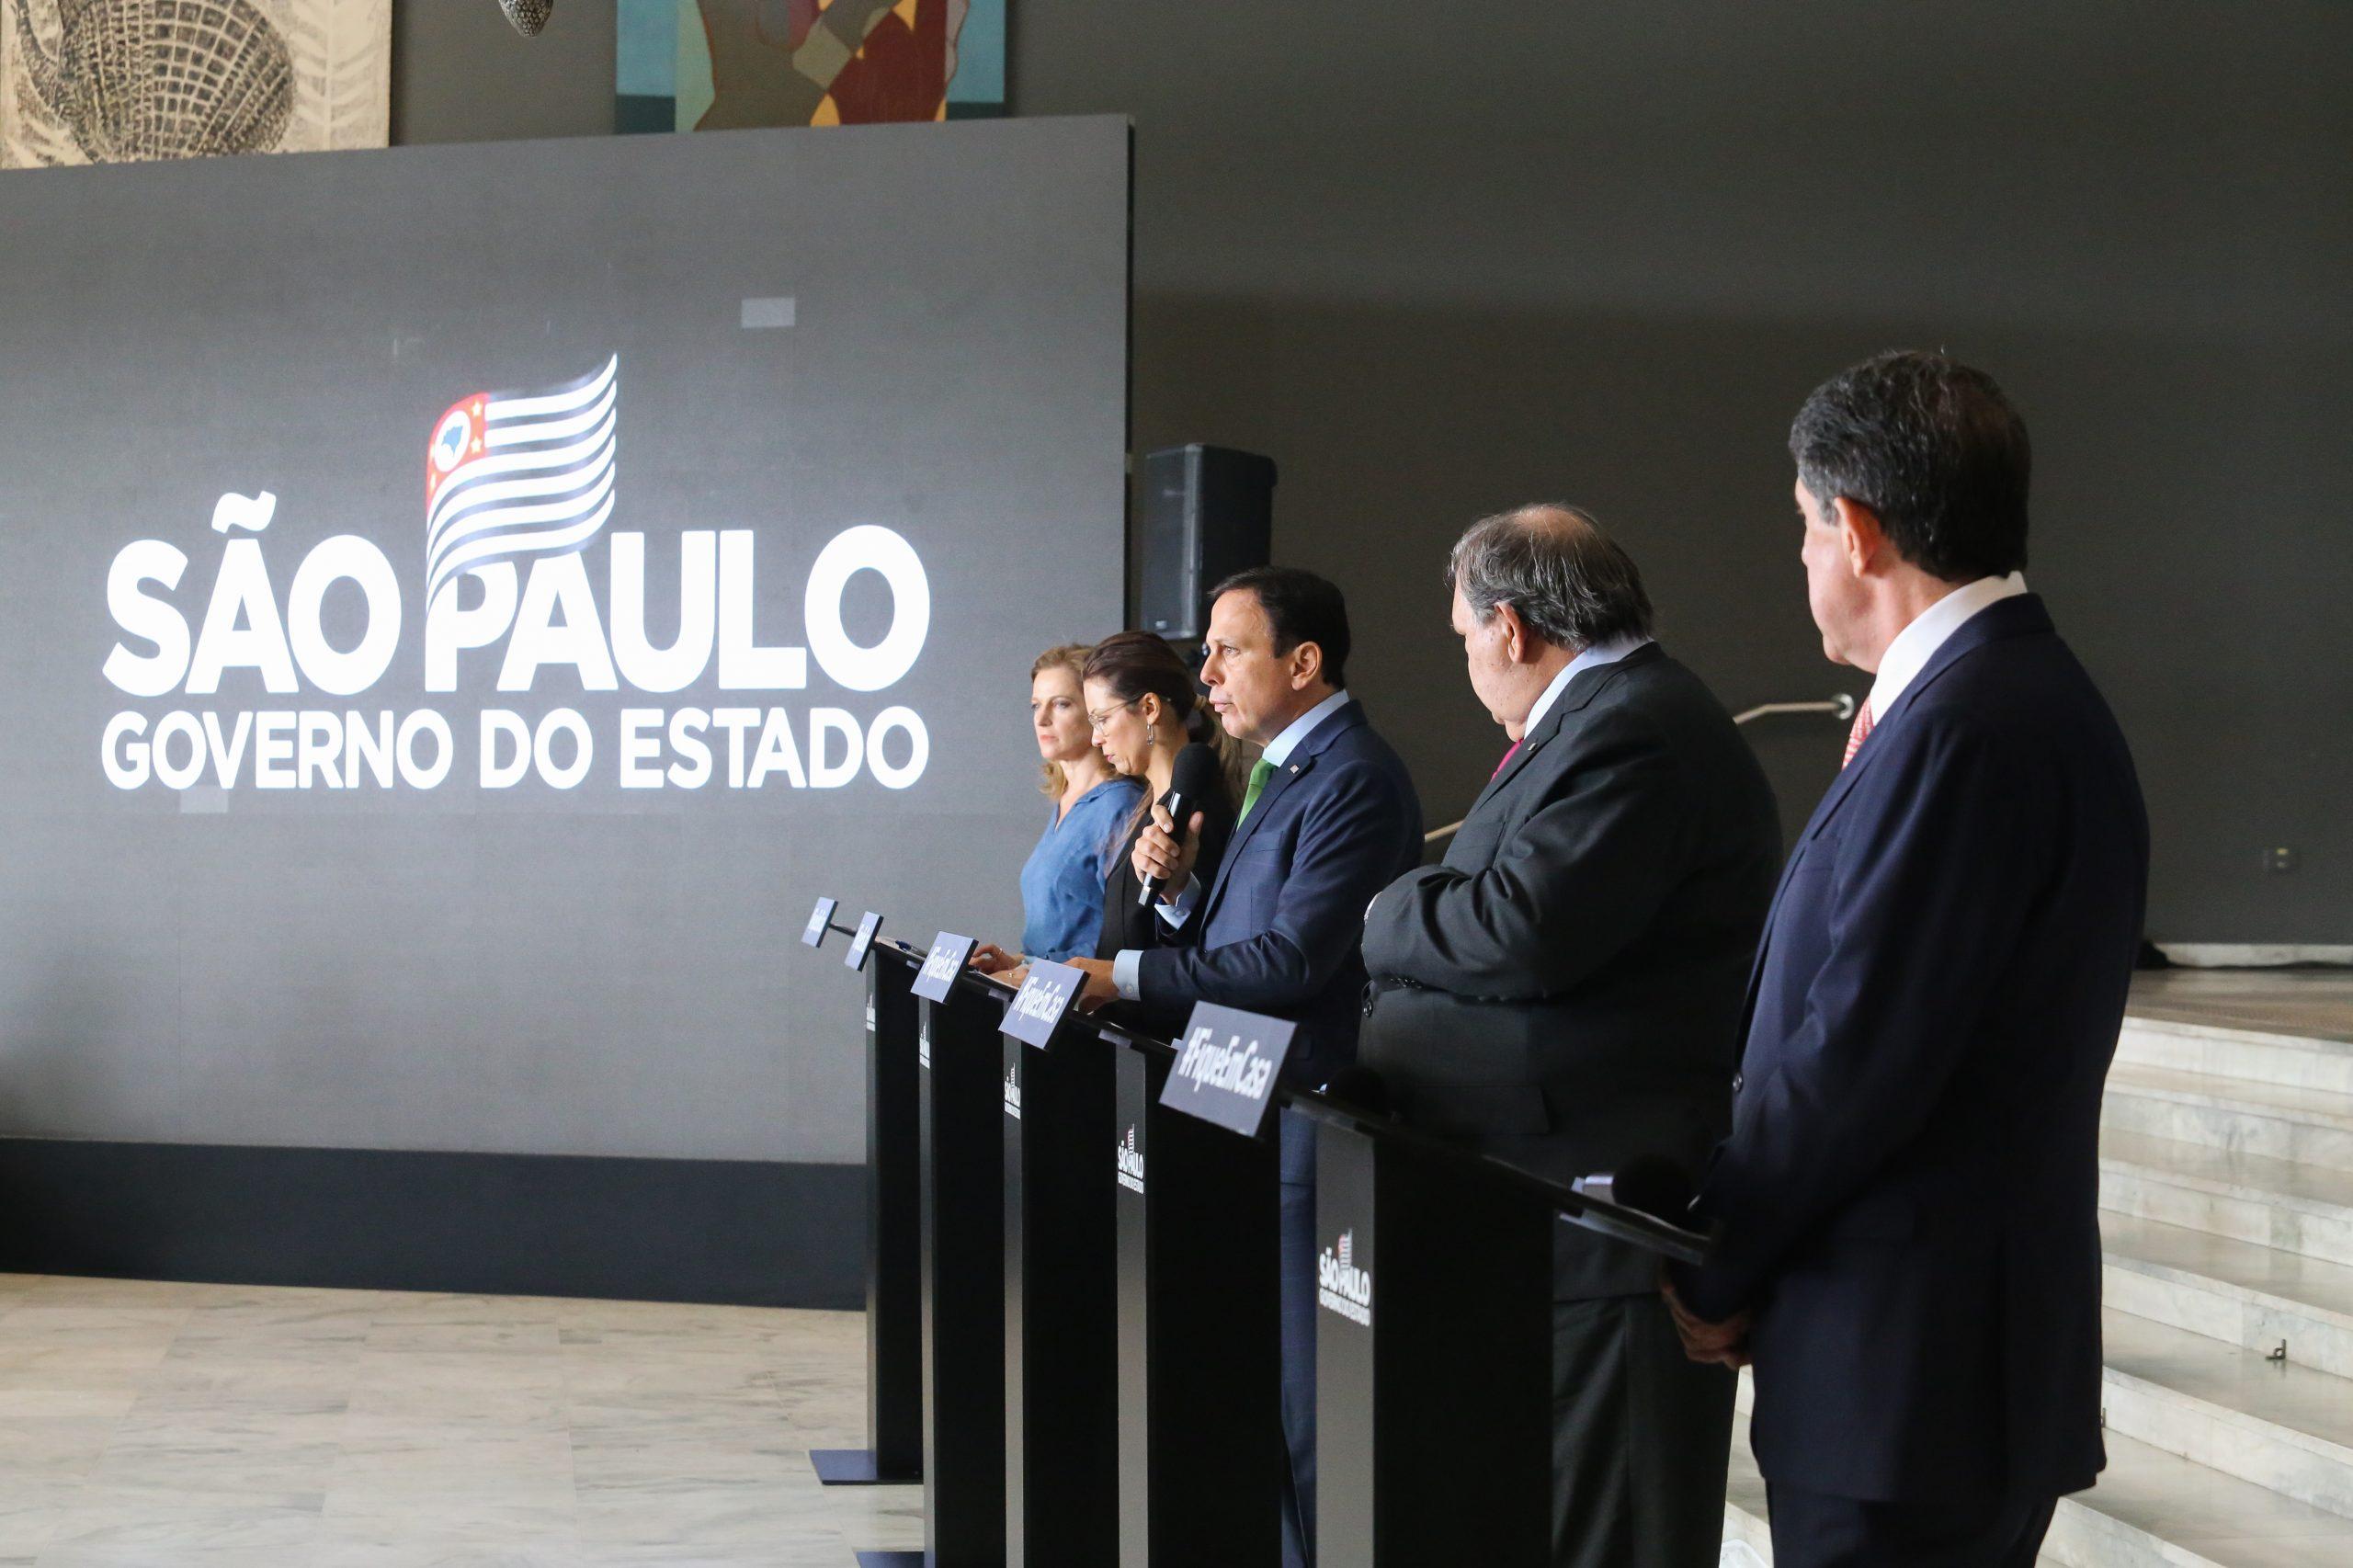 Entrevista coletiva da última quarta-feira, 6, no Palácio dos Bandeirantes. (Divulgação: Governo do Estado de São Paulo)